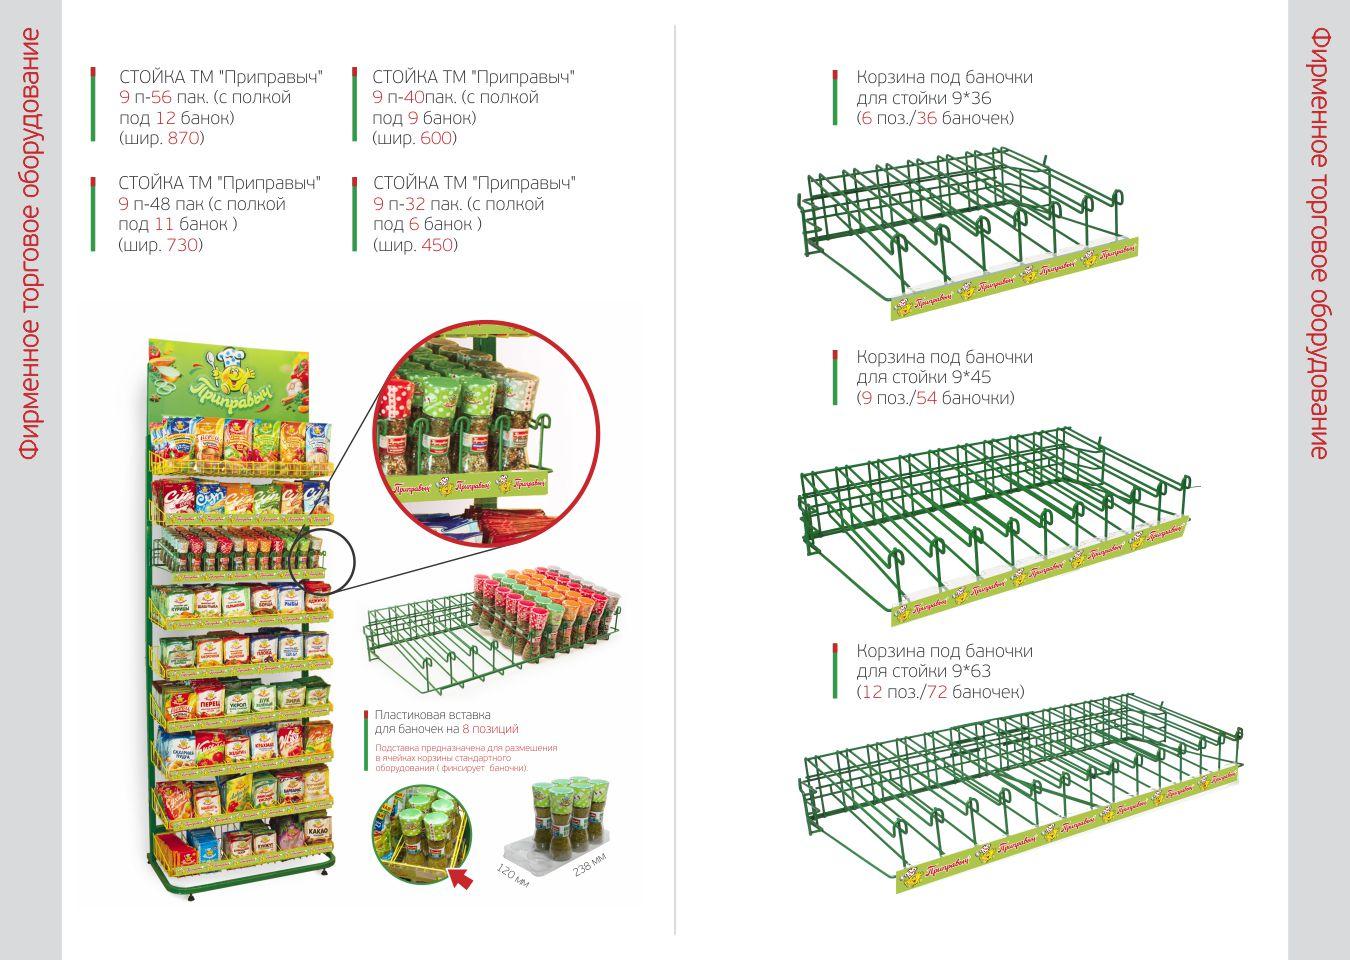 Торговое оборудование для продажи специй, приправ и супов